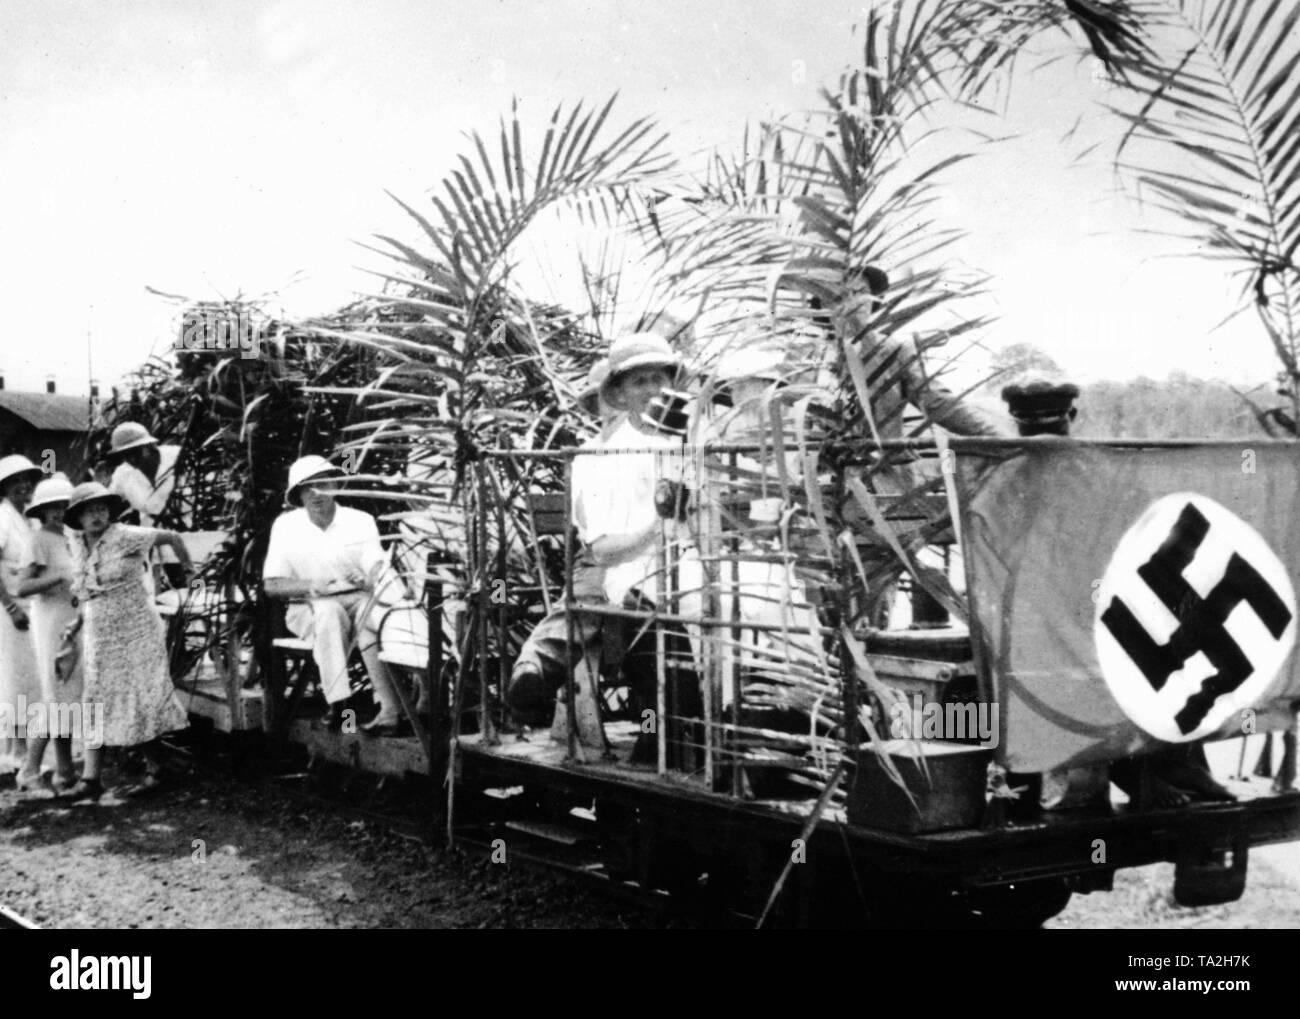 Kamerun: 1884-1914, Kolonien: Deutsch-Westafrika, Deutschland, Deutsches Reich, , 01.01.1884-31.12.1914 | Cameroon from 1884 until 1914, colonies: German West Africa, Germany, empire, 01.01.1884-31.12.1914 - Stock Image